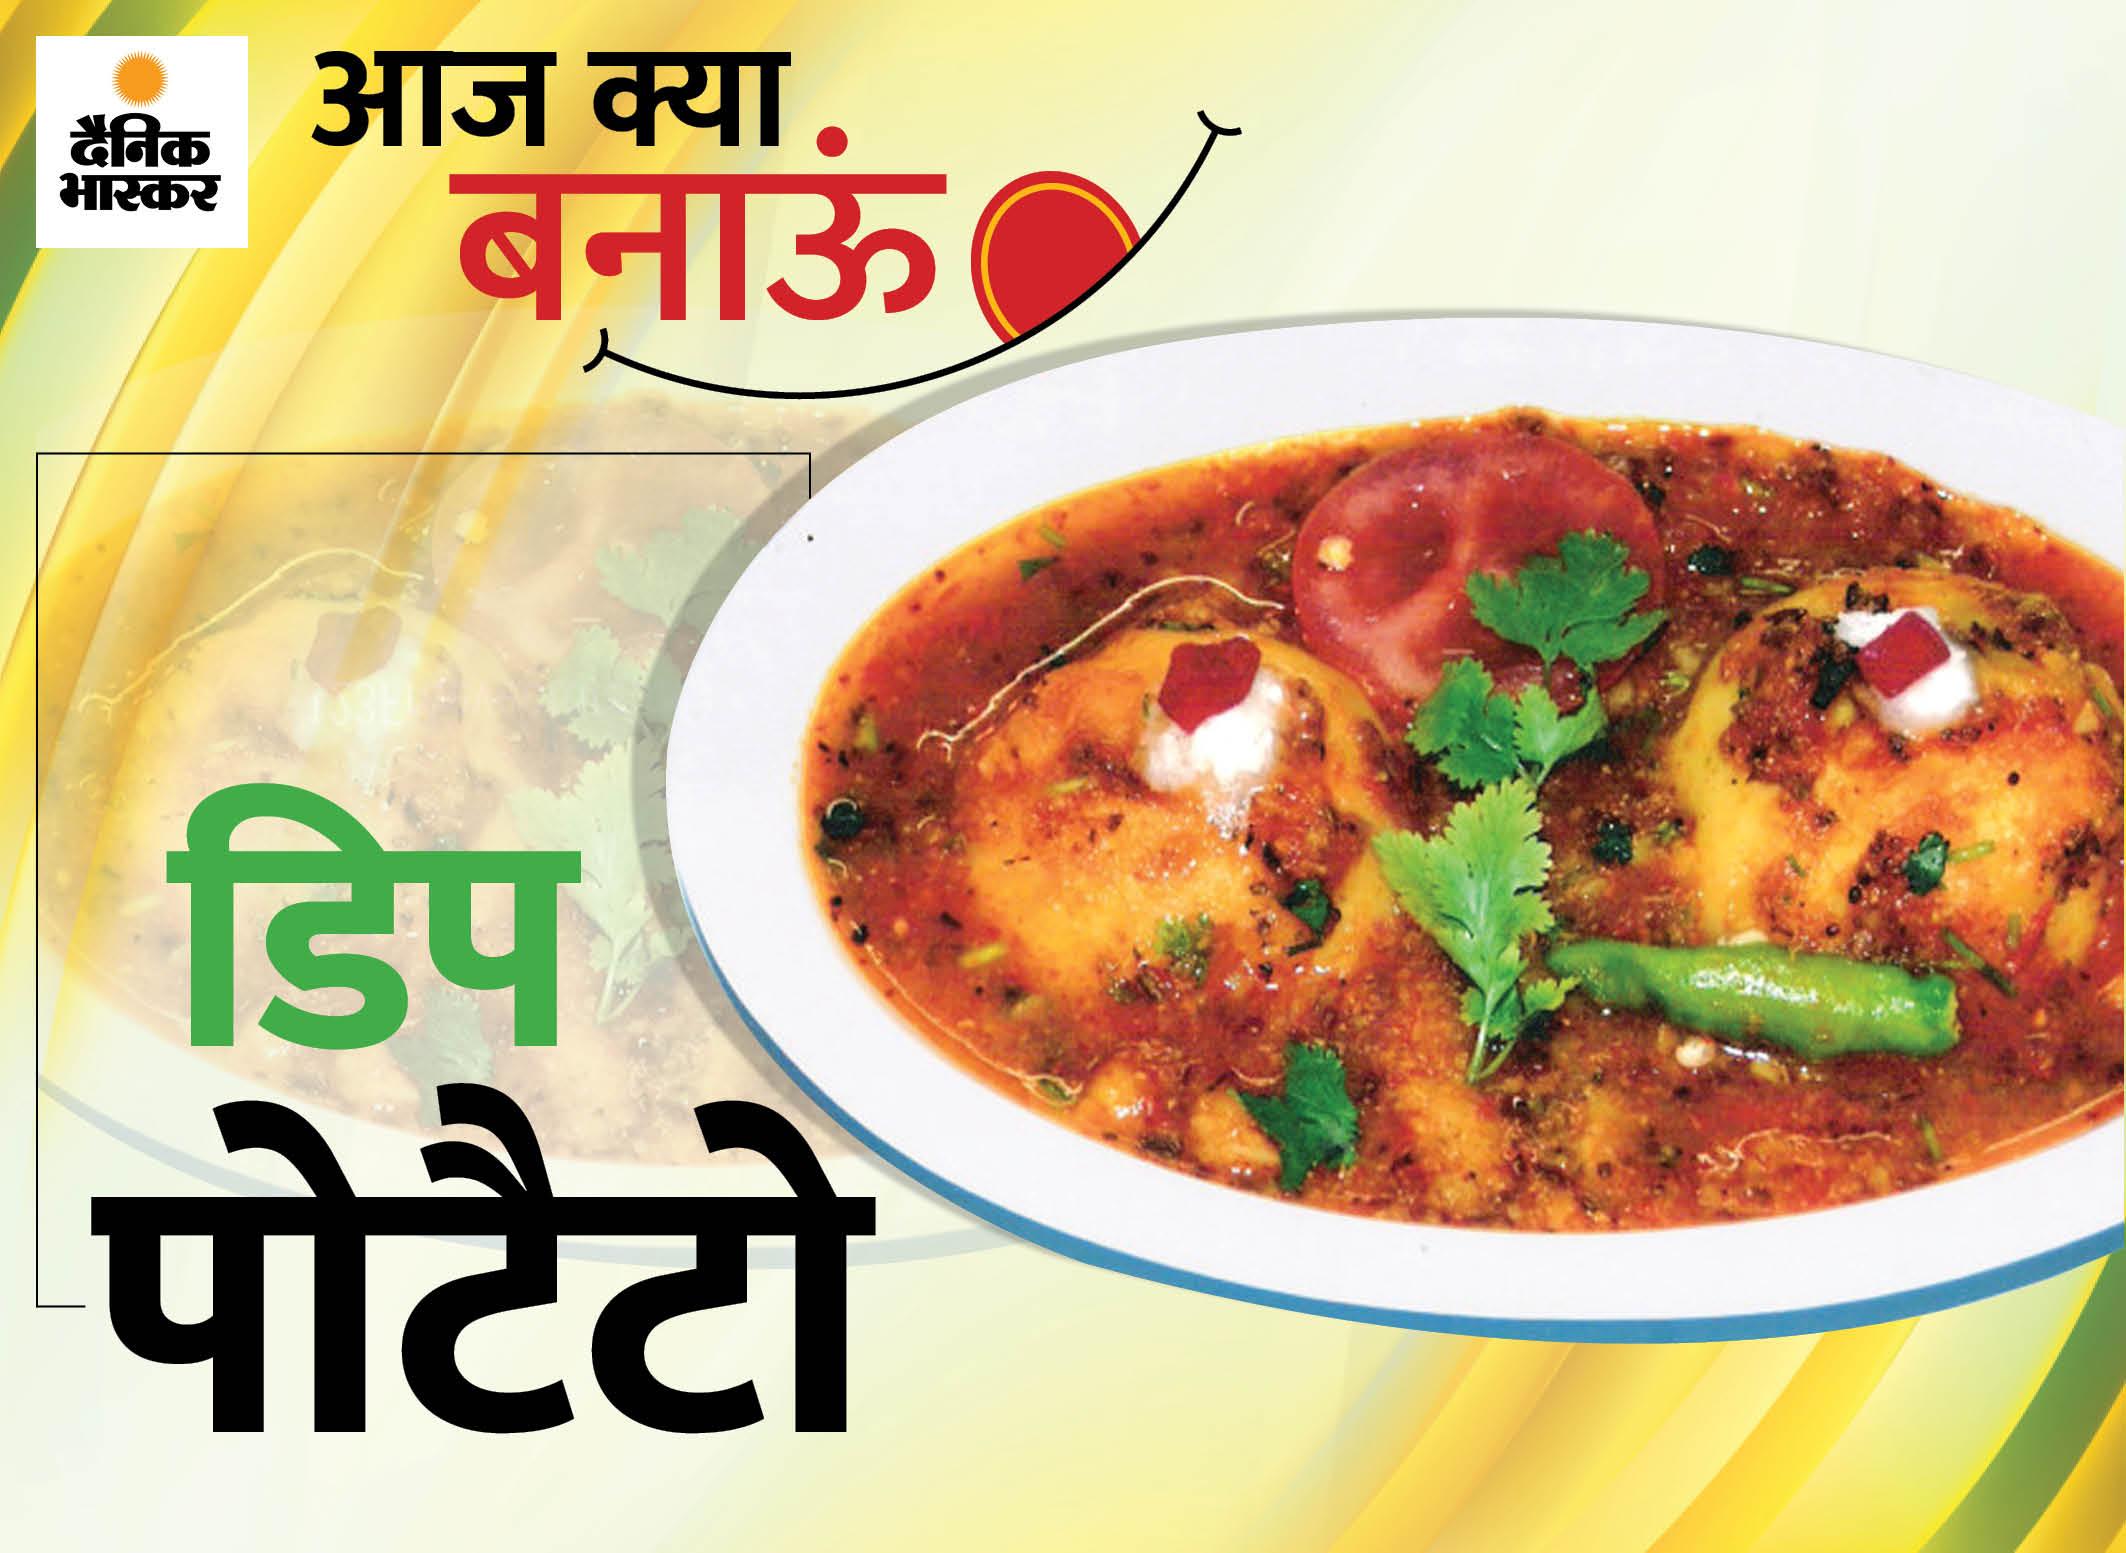 मसालेदार खाने के शौकीनों के लिए डिप पोटैटो, कुकर में पकाएं, गरम मसाला-हरा धनिया डालकर सर्व करें लाइफस्टाइल,Lifestyle - Dainik Bhaskar